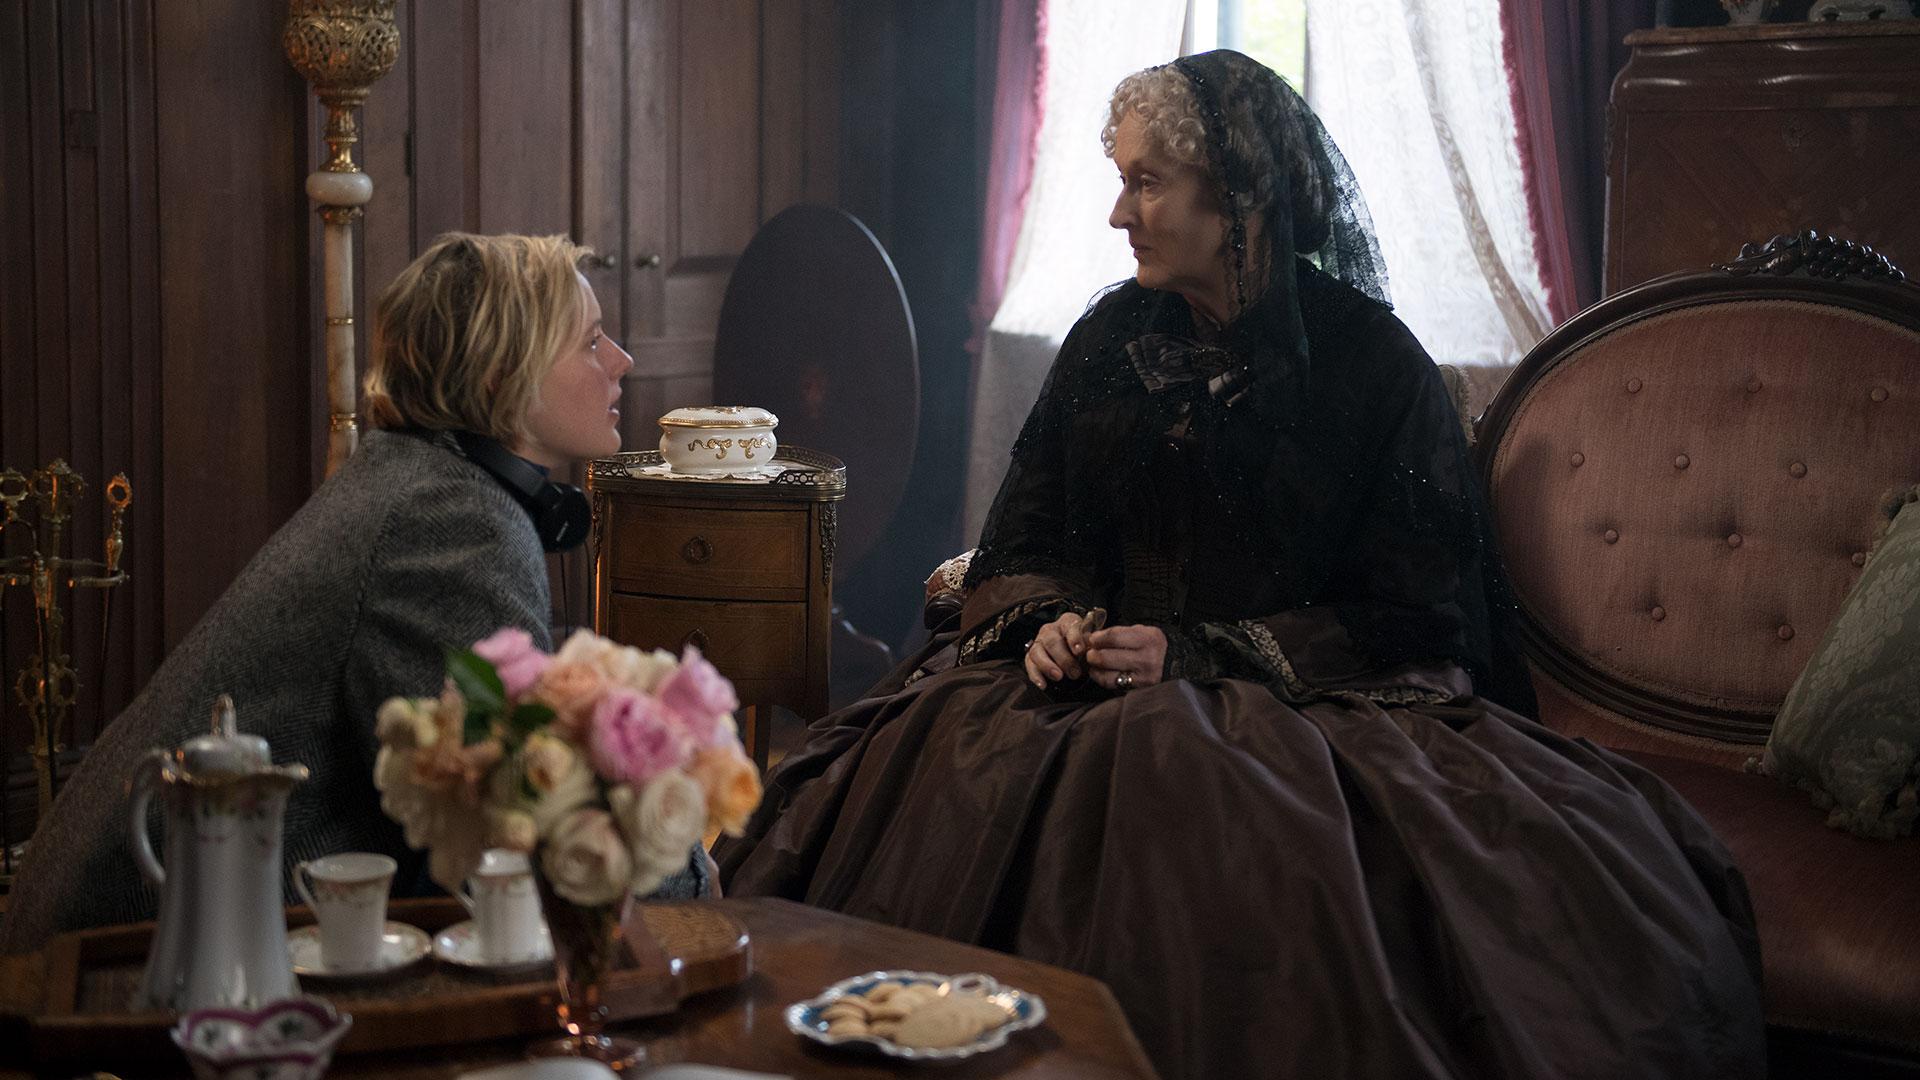 Greta Gerwig and Meryl Streep on set